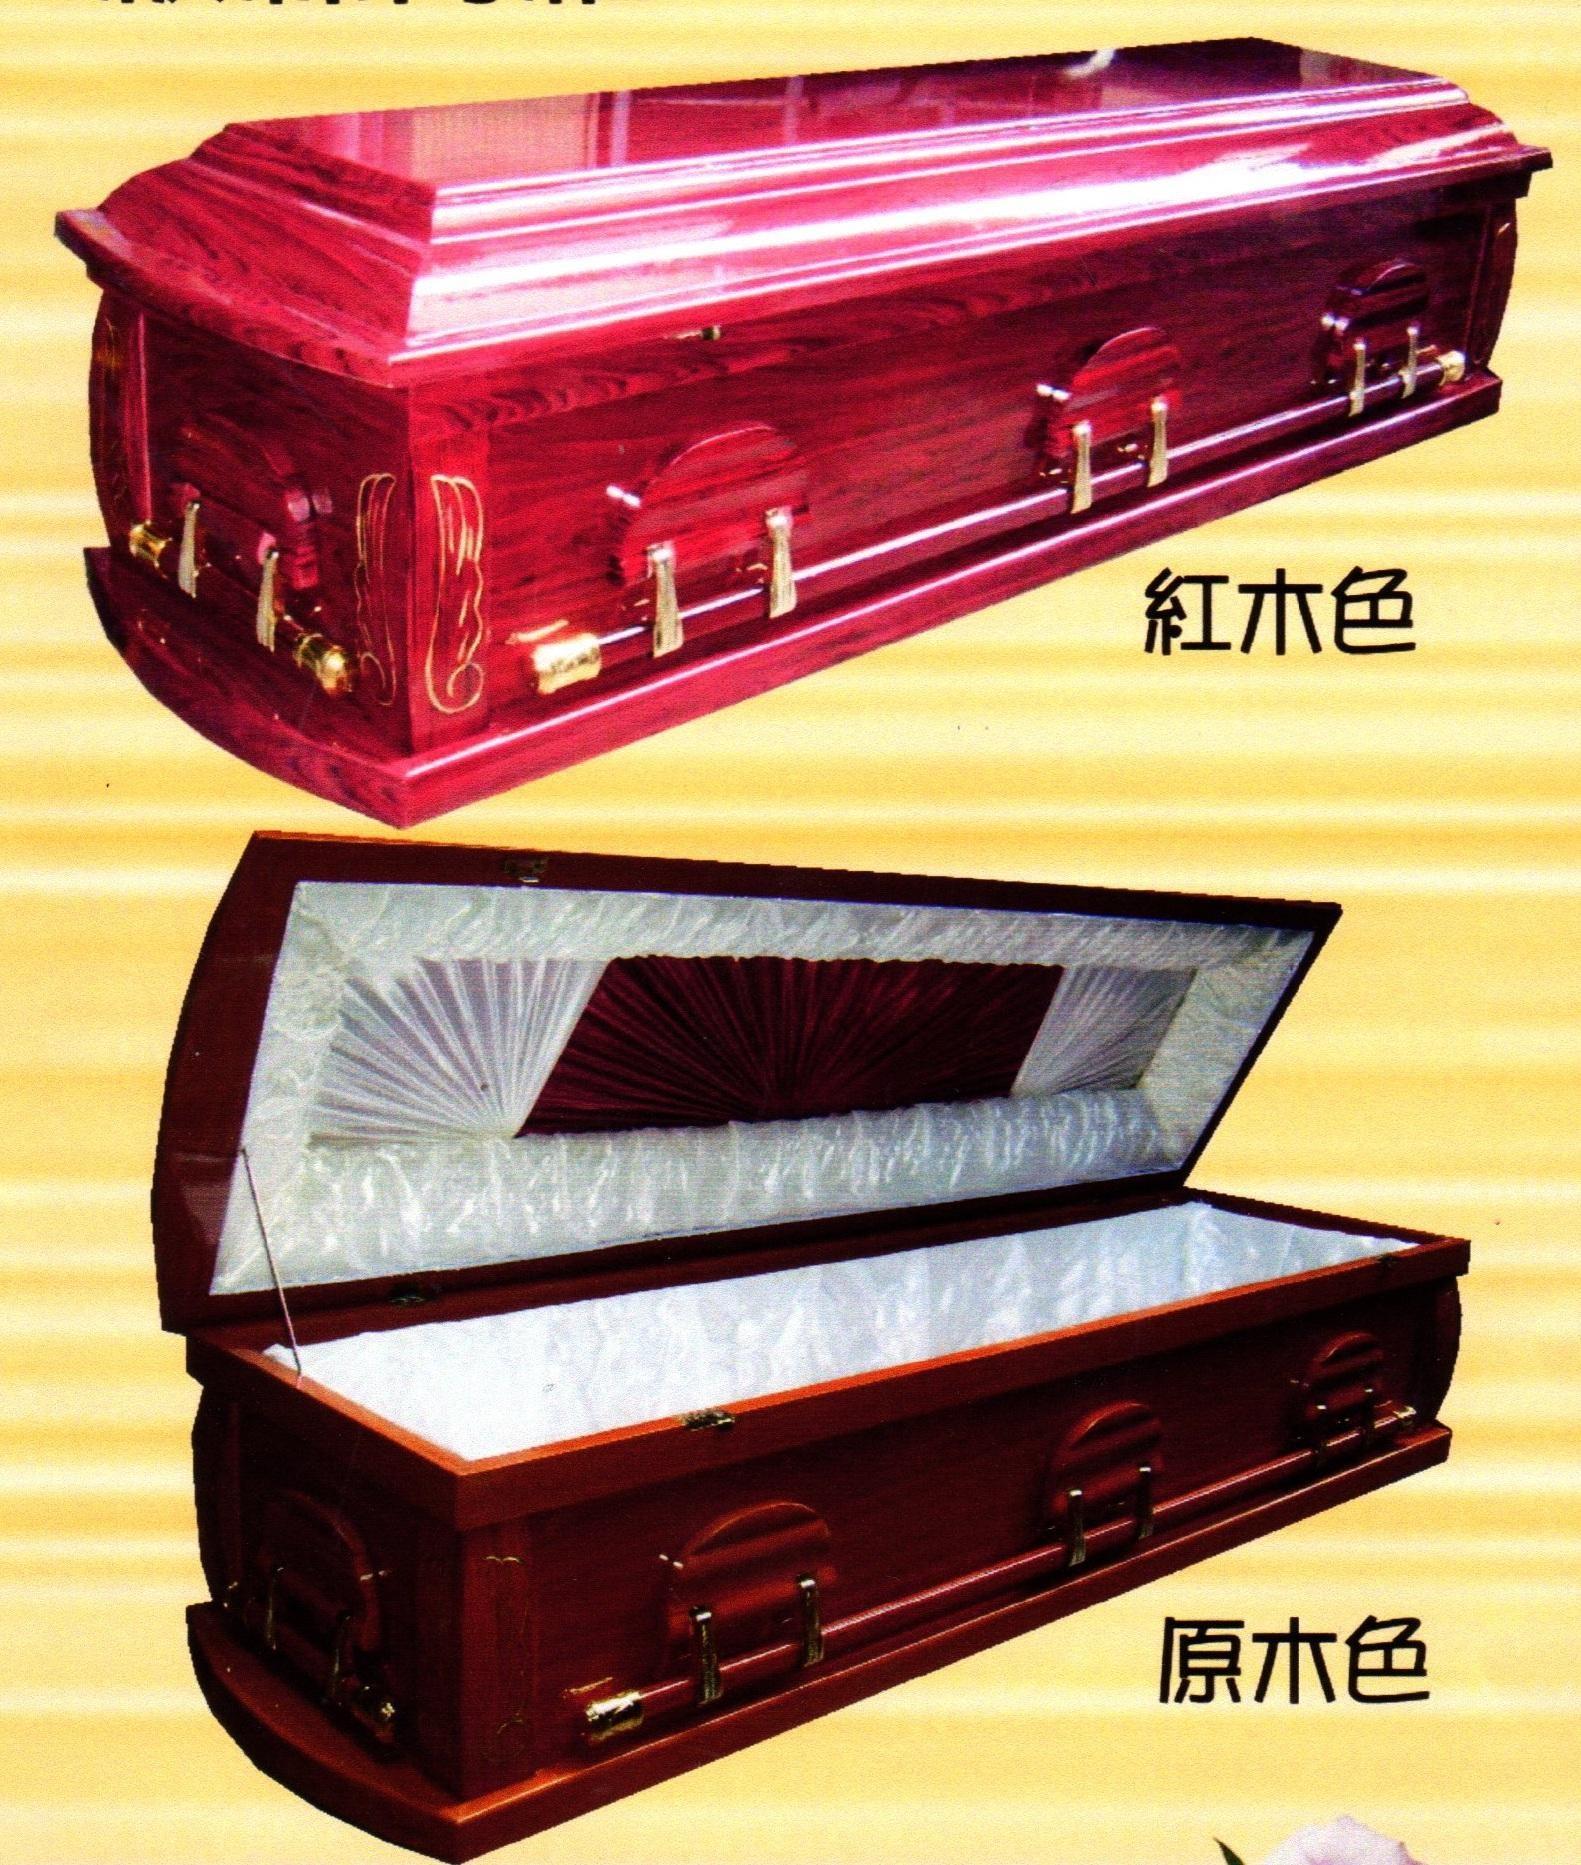 林肯環保棺(棗紅) $18,000